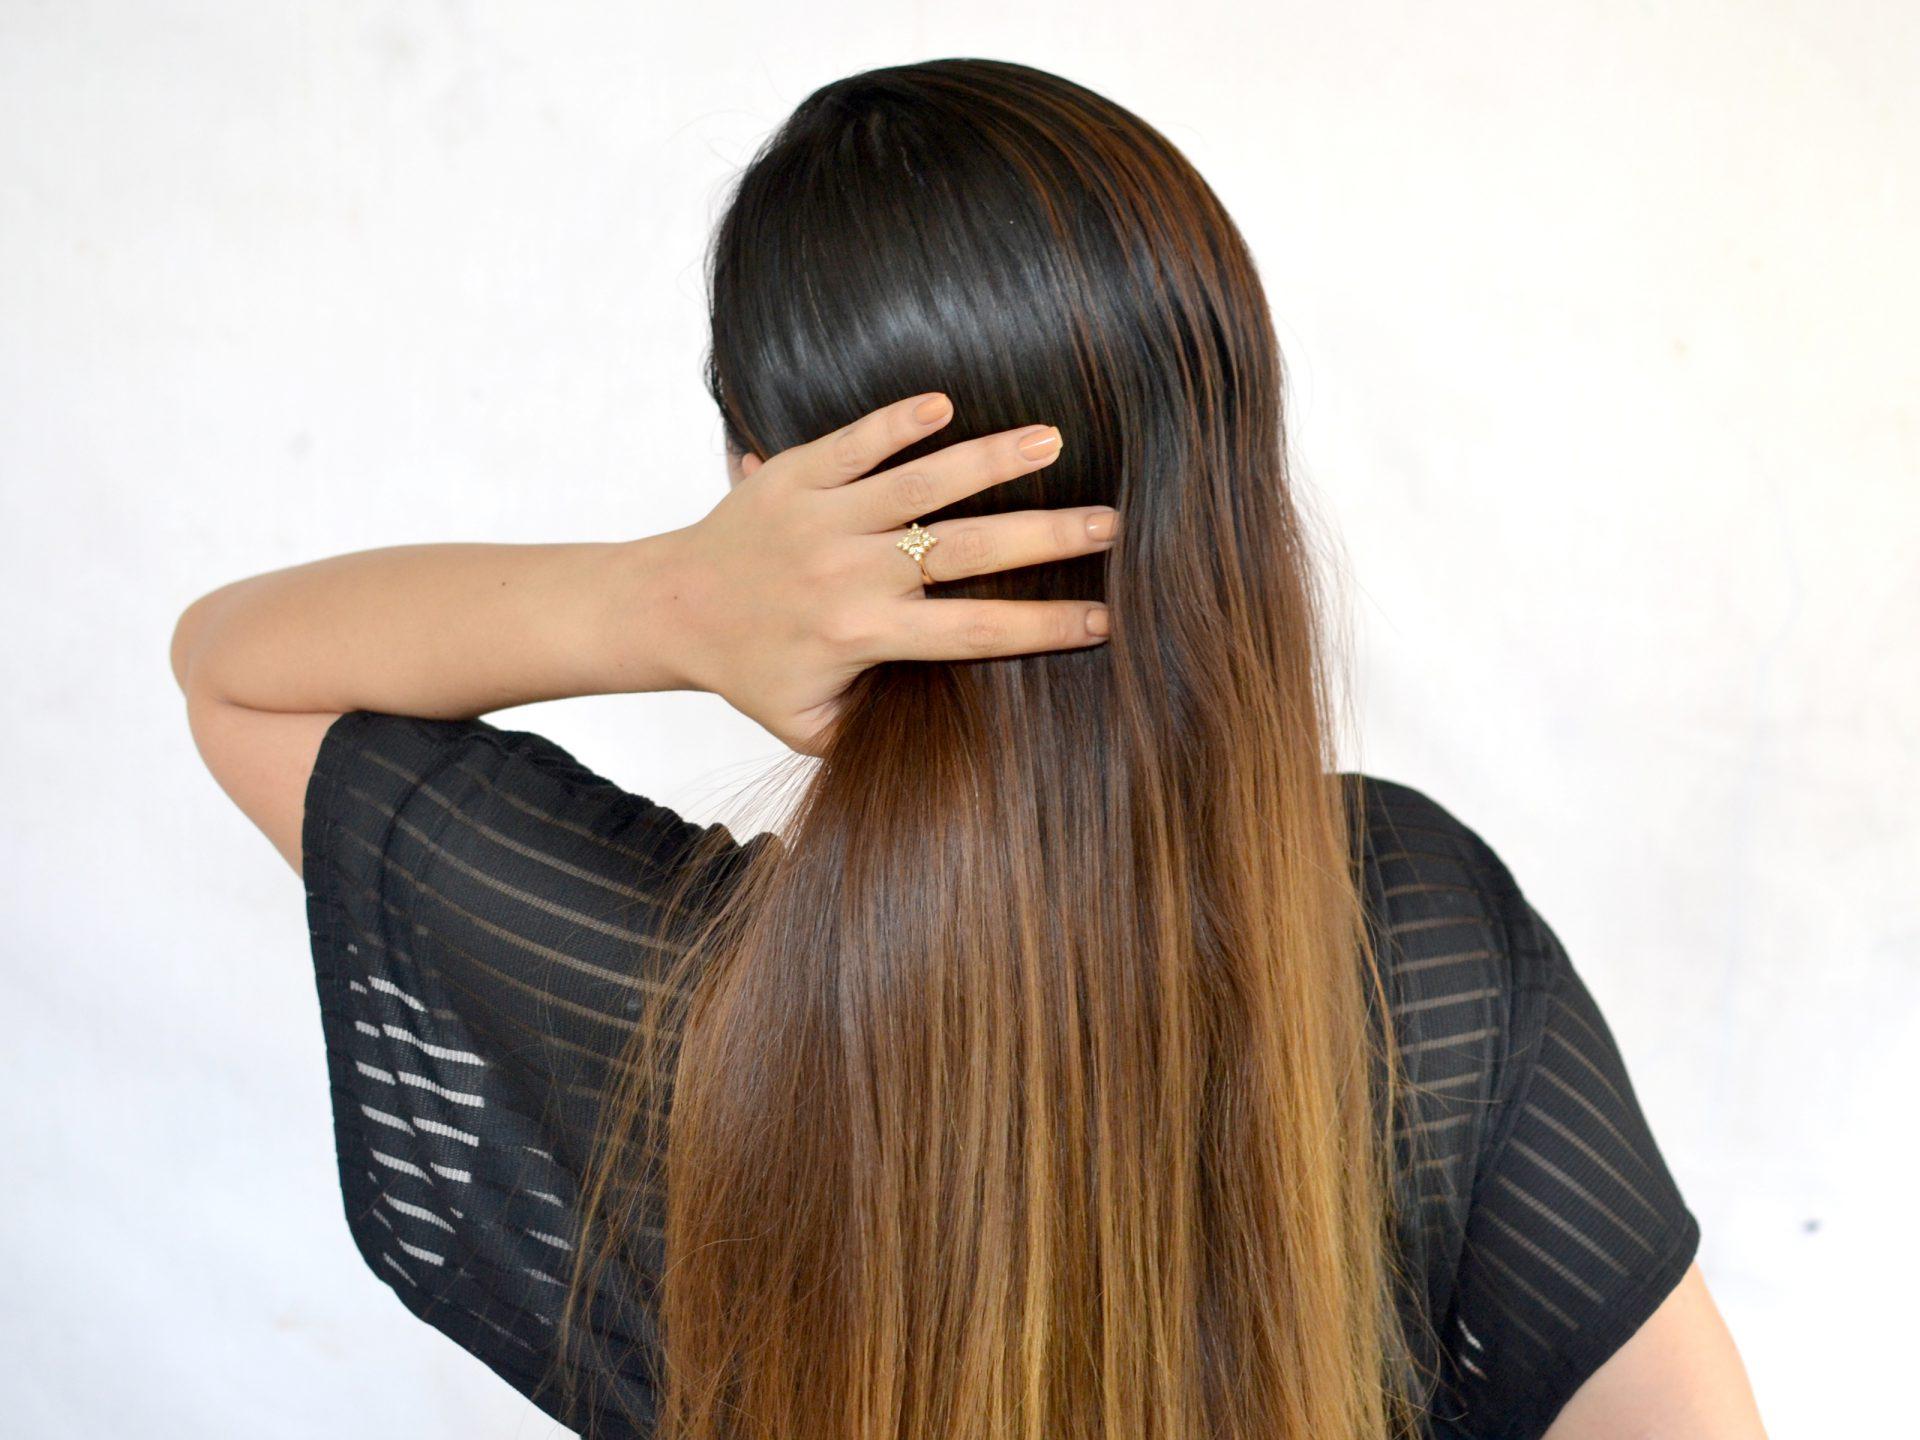 طریقه کراتینه و ابریشمی کردن مو بدون دارو